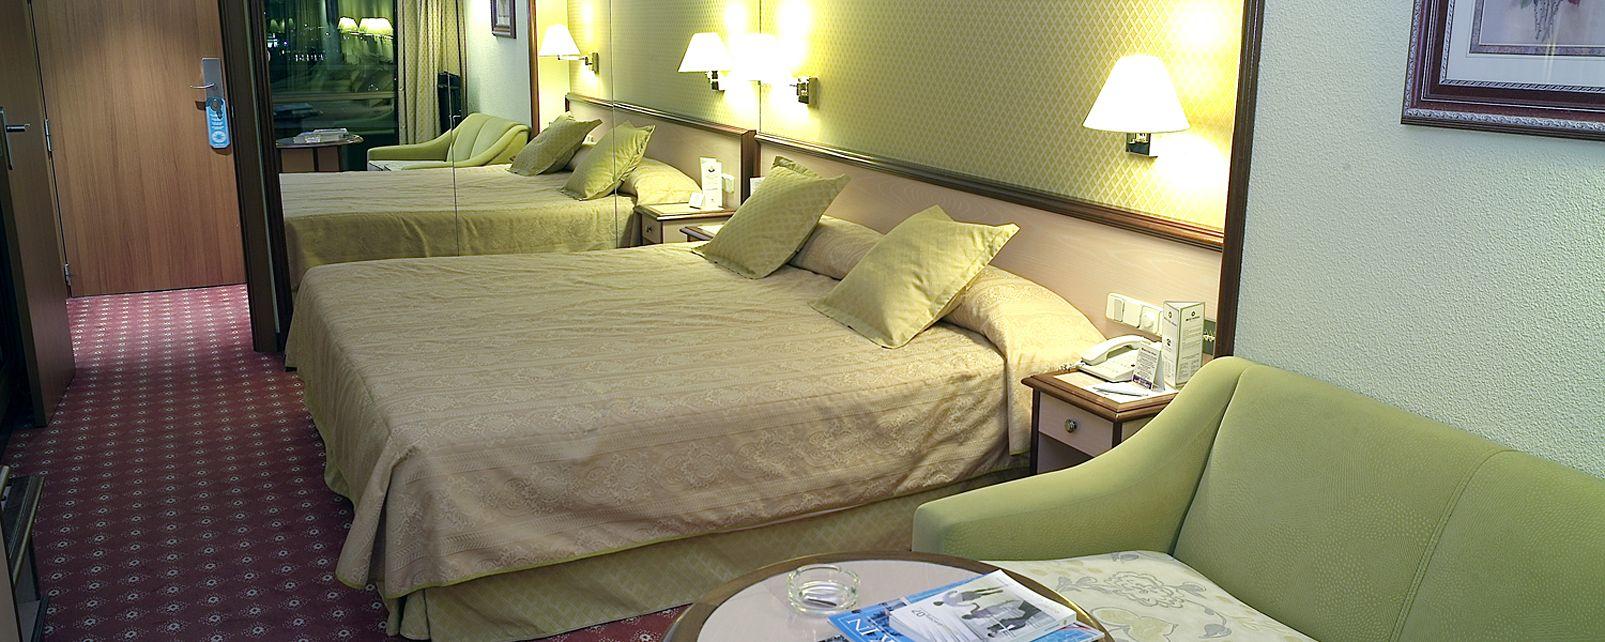 Hotel Meliá Palma Marina